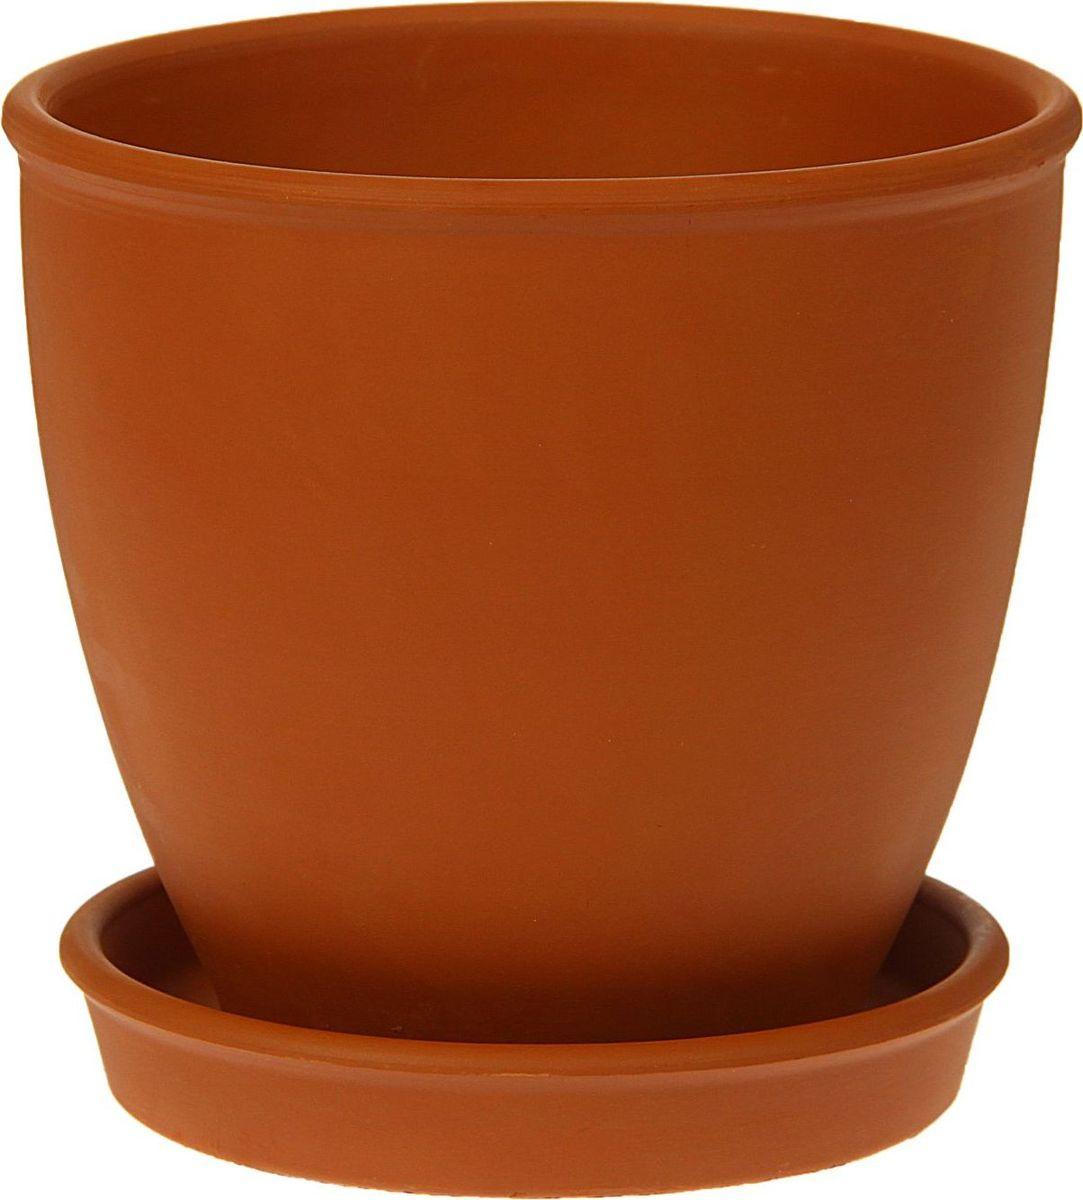 Кашпо Керамика ручной работы Стандарт, цвет: коричневый, 2 л1354695